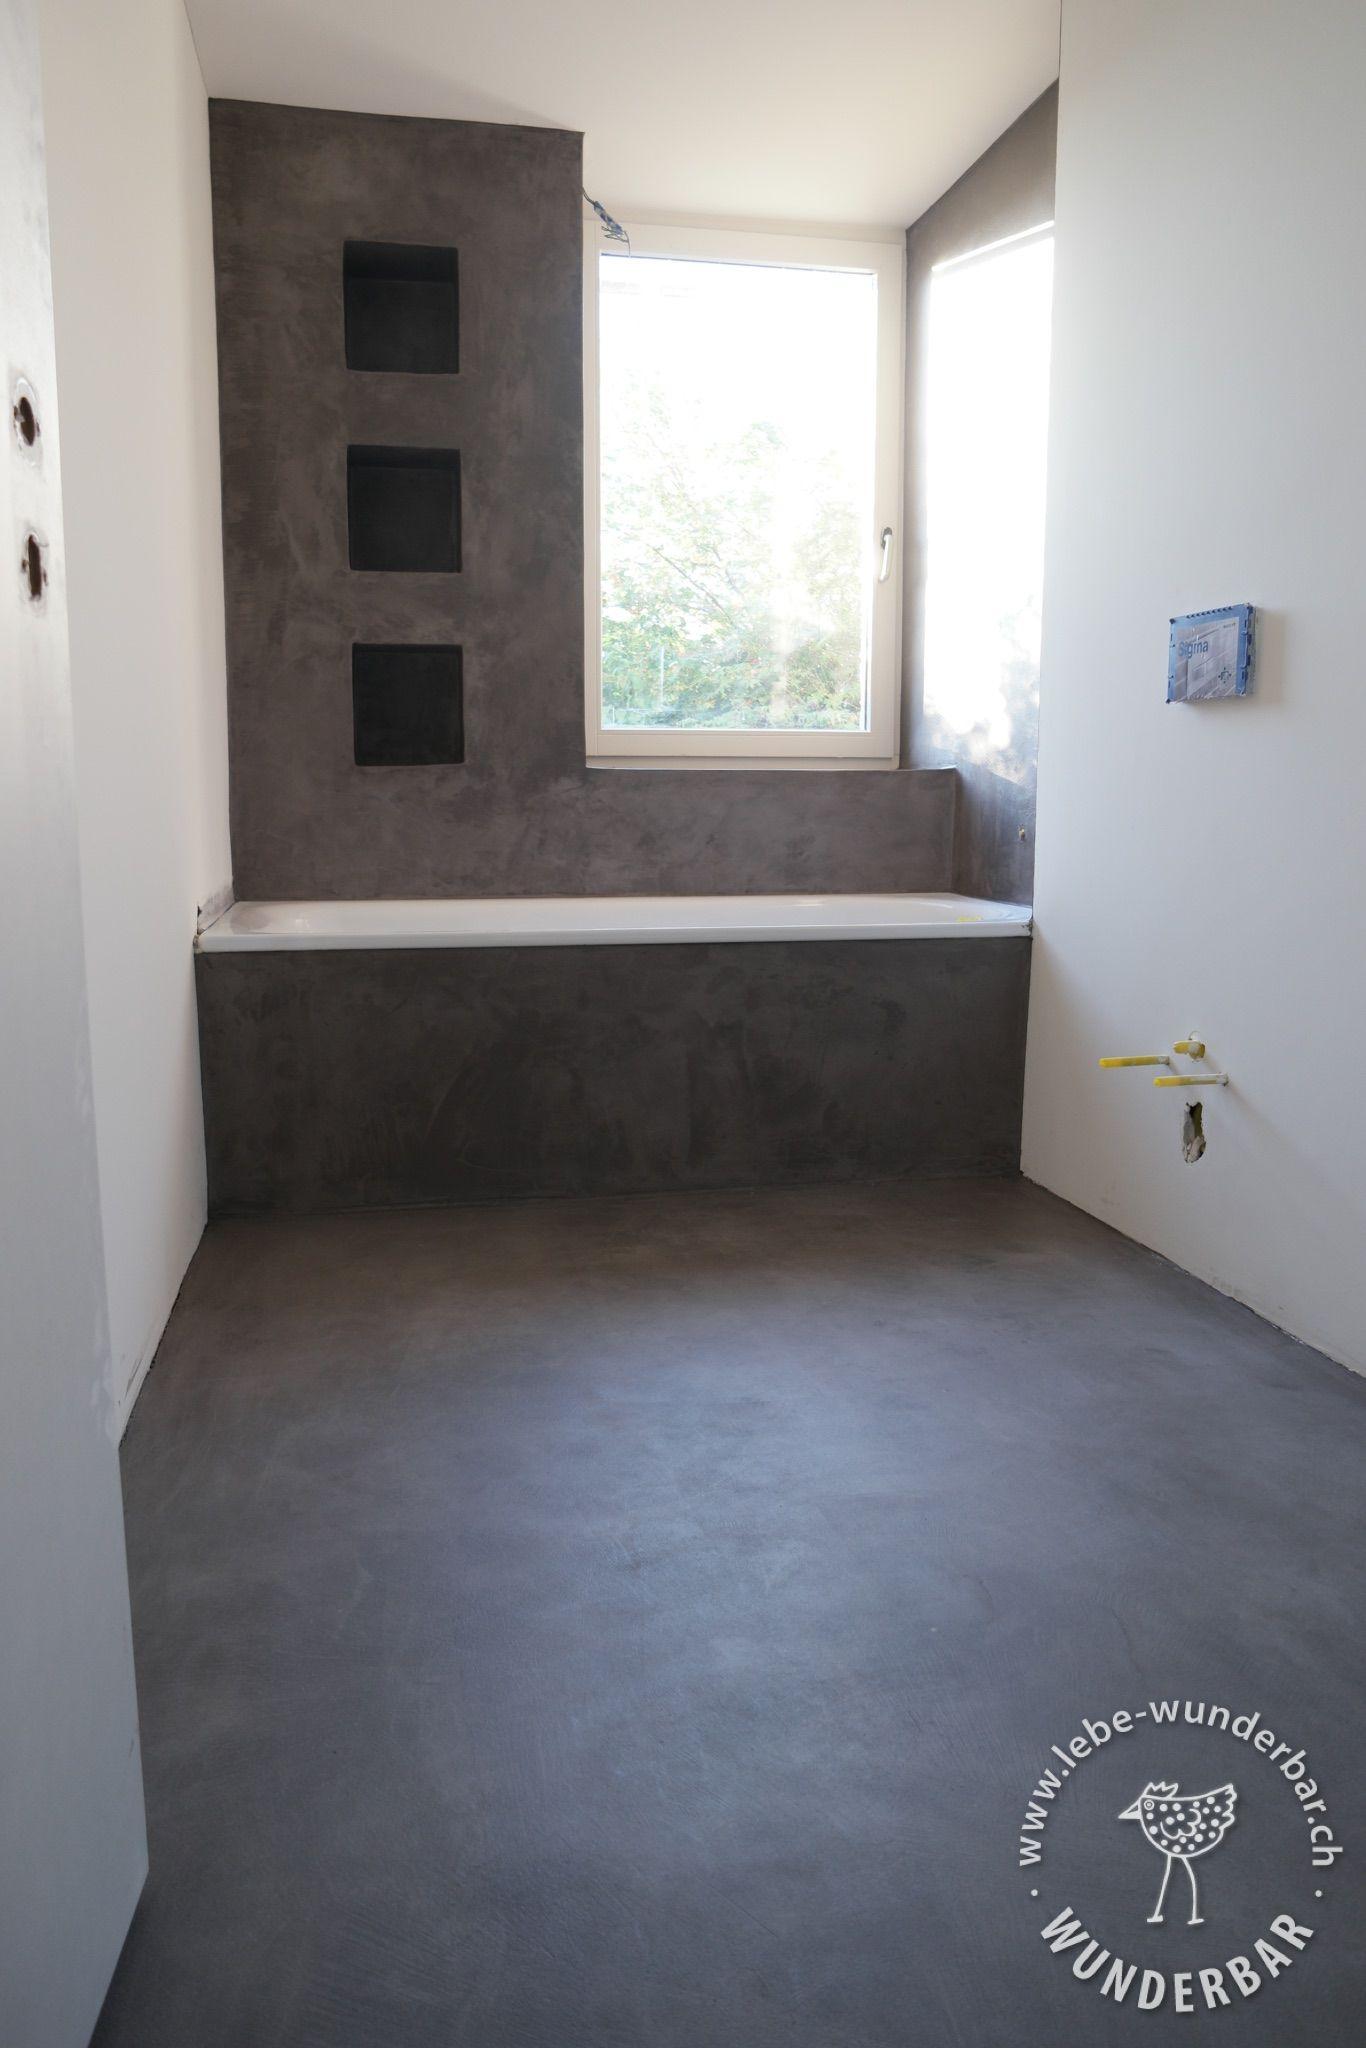 Makingof Badezimmer Aus Einem Guss Mit Mineral Beschichtung Fugenlos Bad Zurich Lebewunderbar Bodenbelag Bad Wohnung Renovierung Haus Bodenbelag